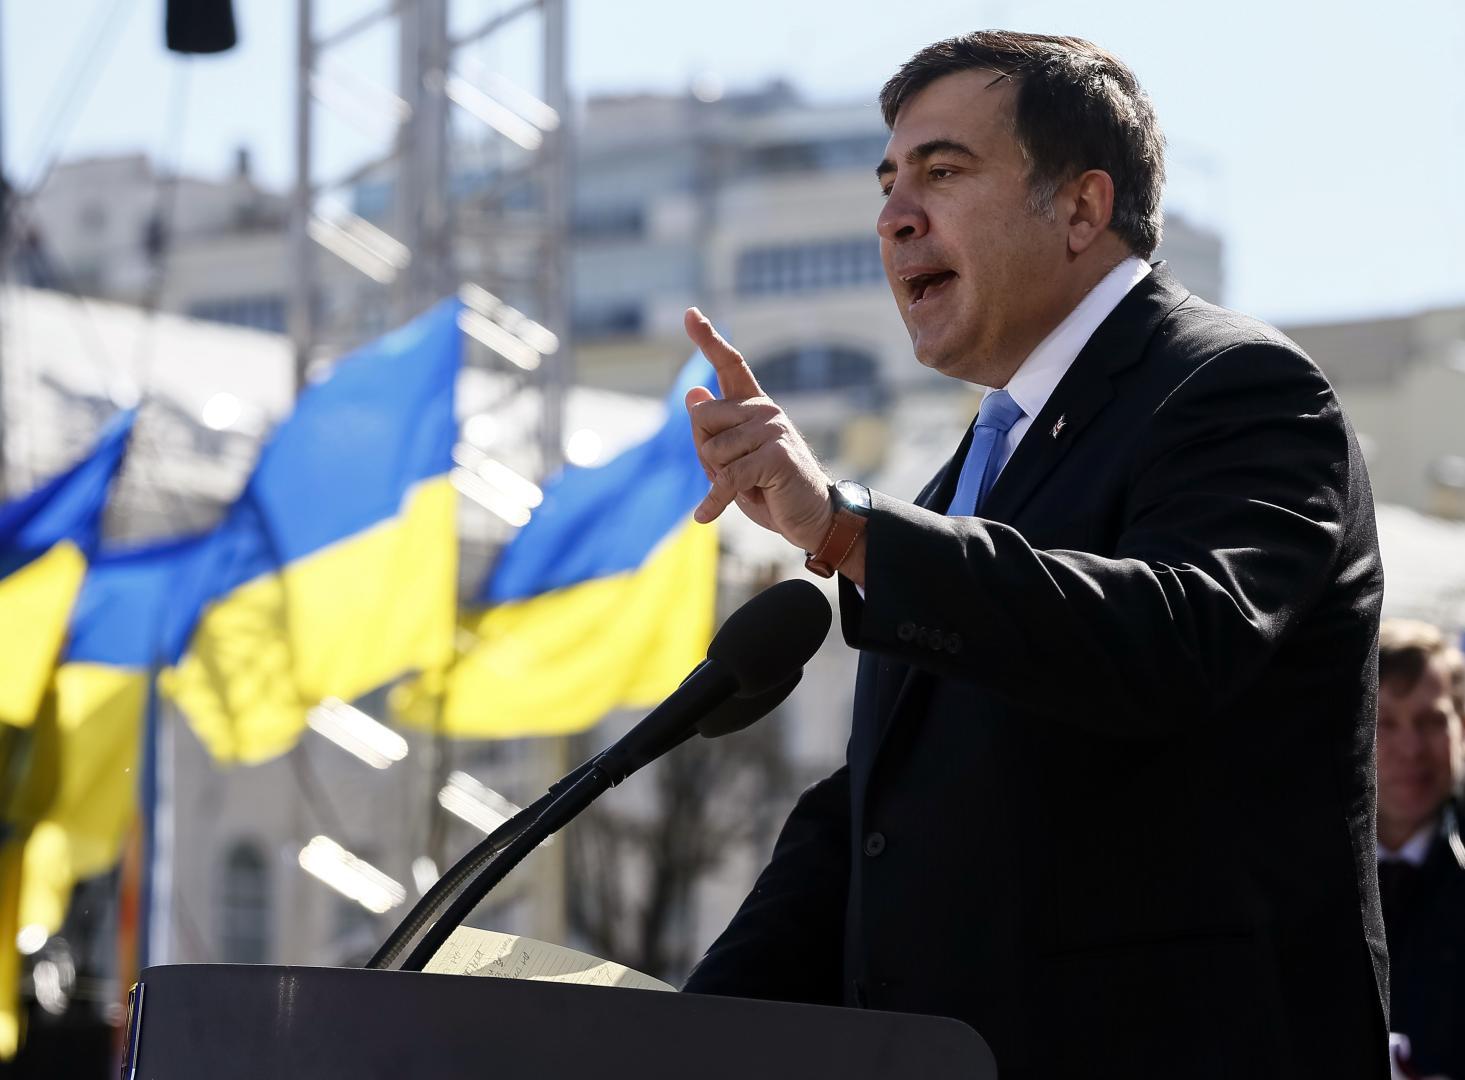 Mikhail-Saakashvili-vrea-să-revină-în-forță-în-politica-mare-din-Ucraina